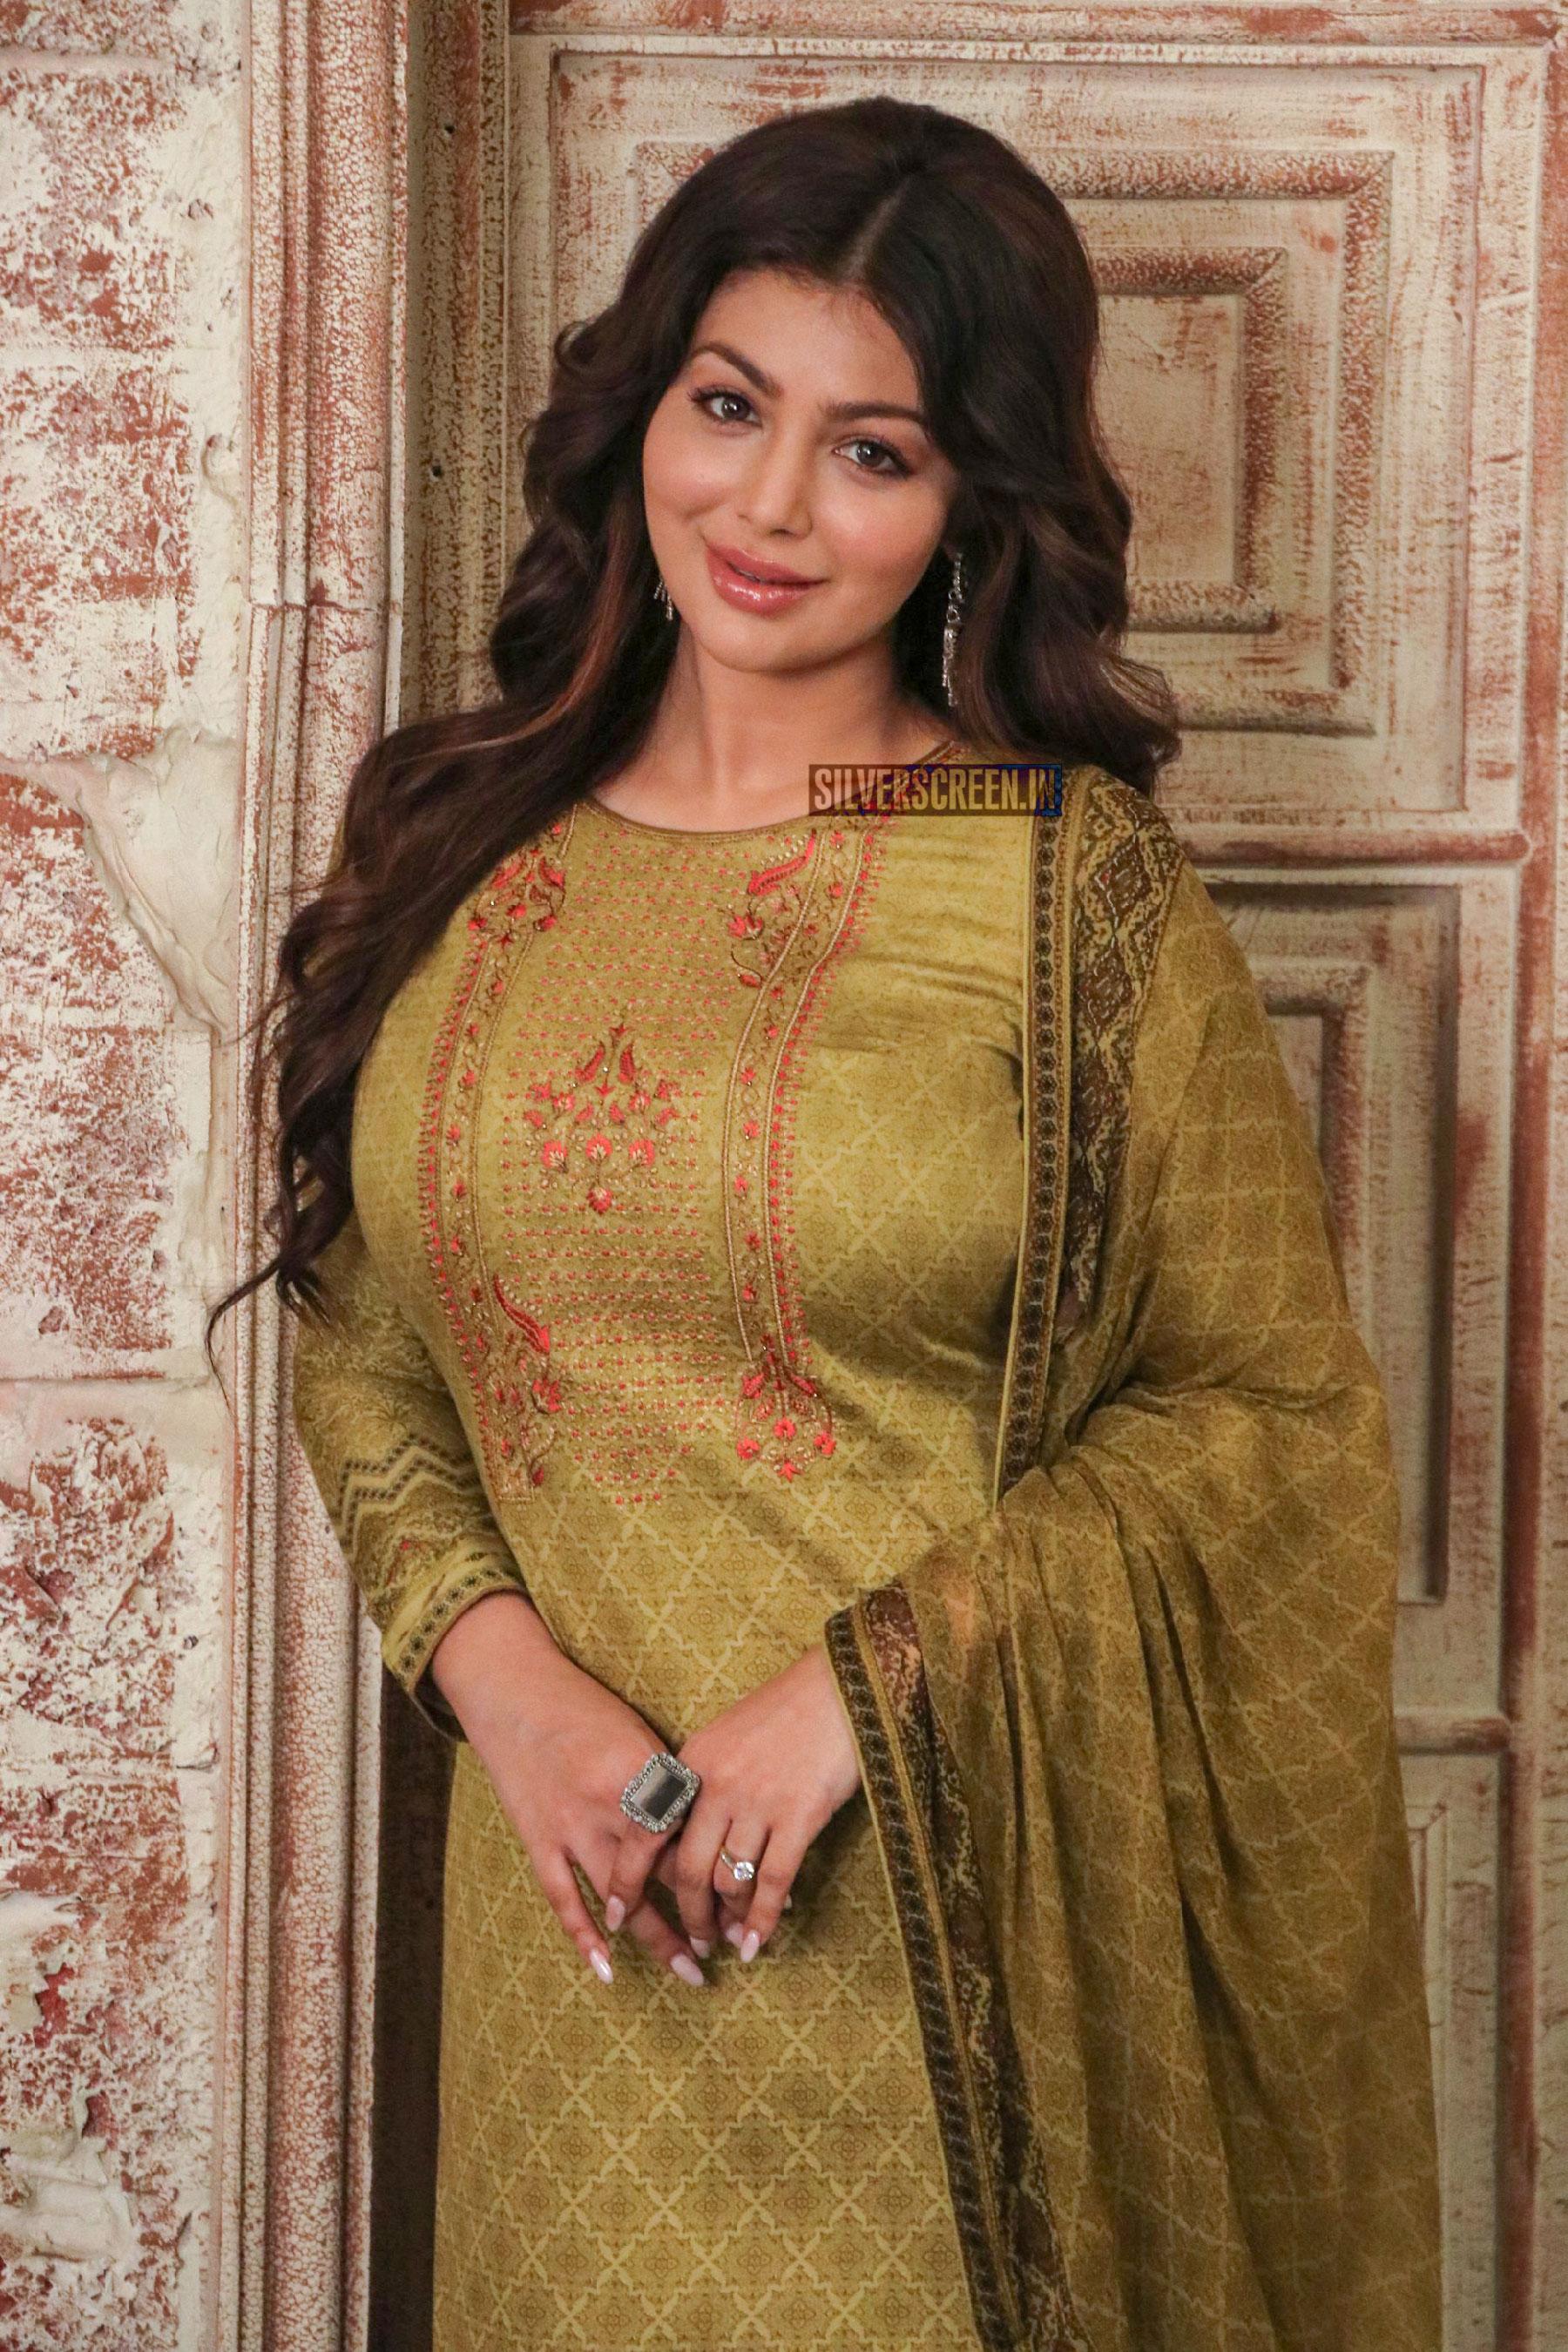 Ayesha Takia Azmi On The Sets Of Aarey Colony